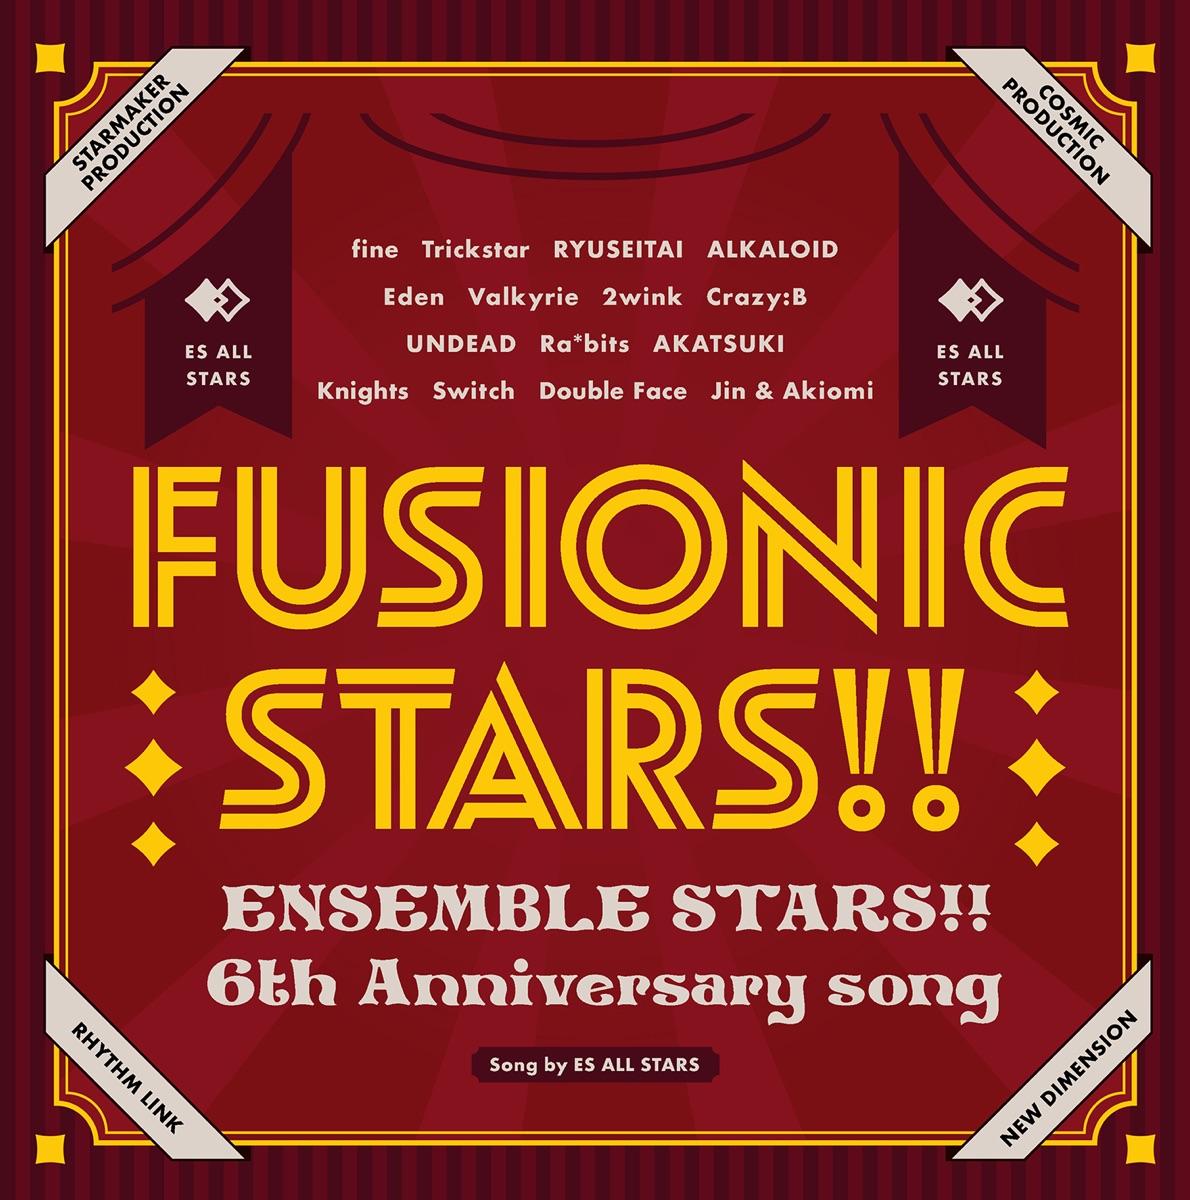 『ES オールスターズ - FUSIONIC STARS!!』収録の『『あんさんぶるスターズ!!』6th Anniversary song「FUSIONIC STARS!!」 』ジャケット